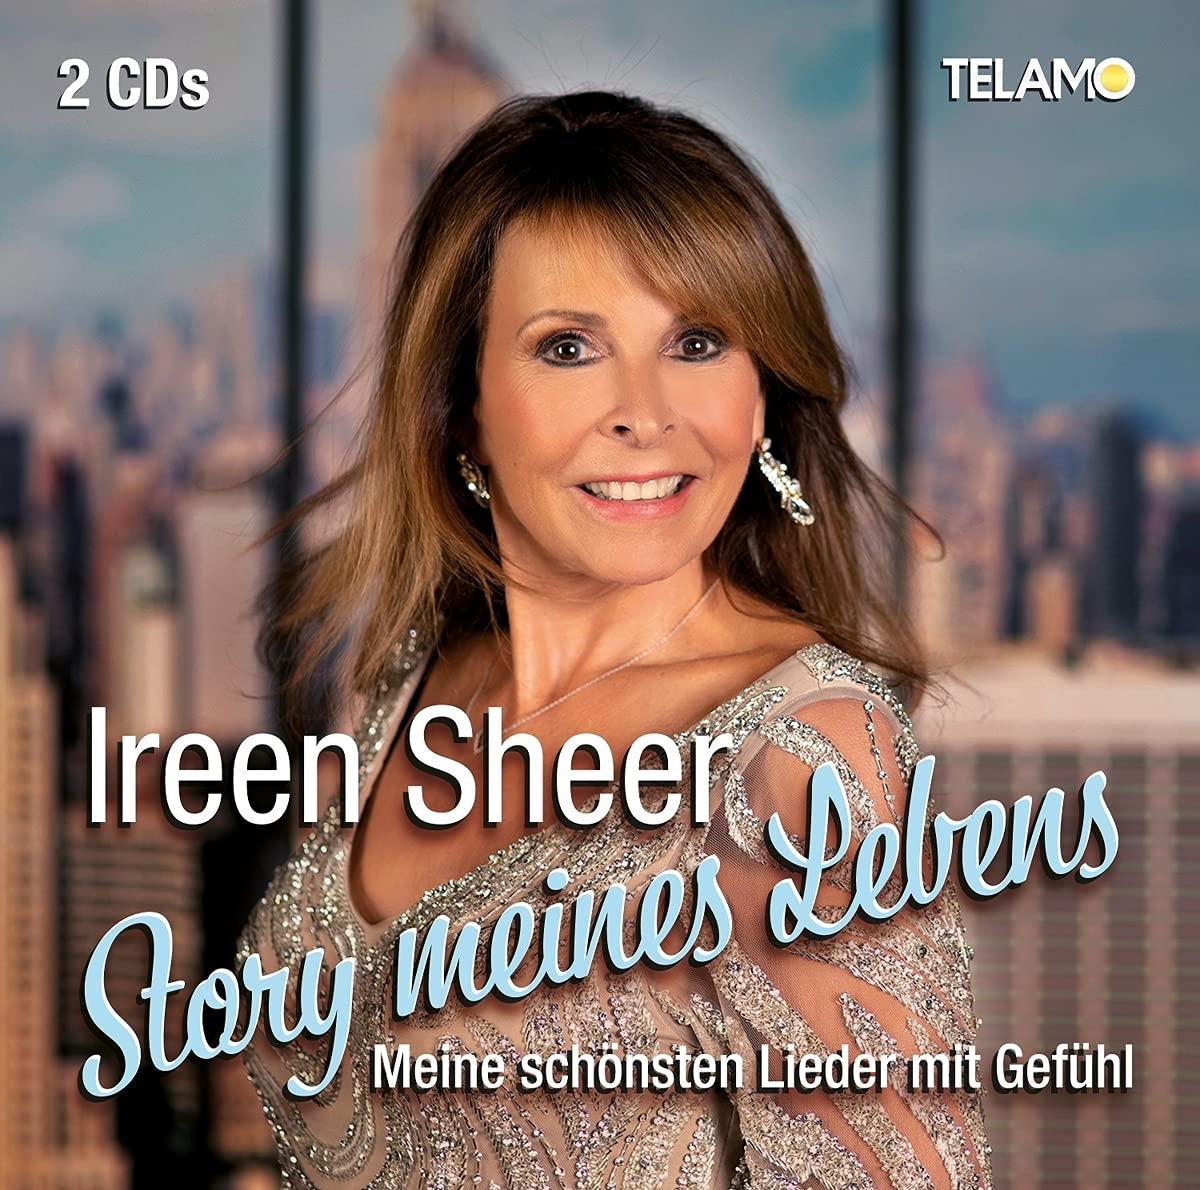 IREEN SHEER * Story meines Lebens – Die schönsten Lieder mit Gefühl (Doppel-CD)